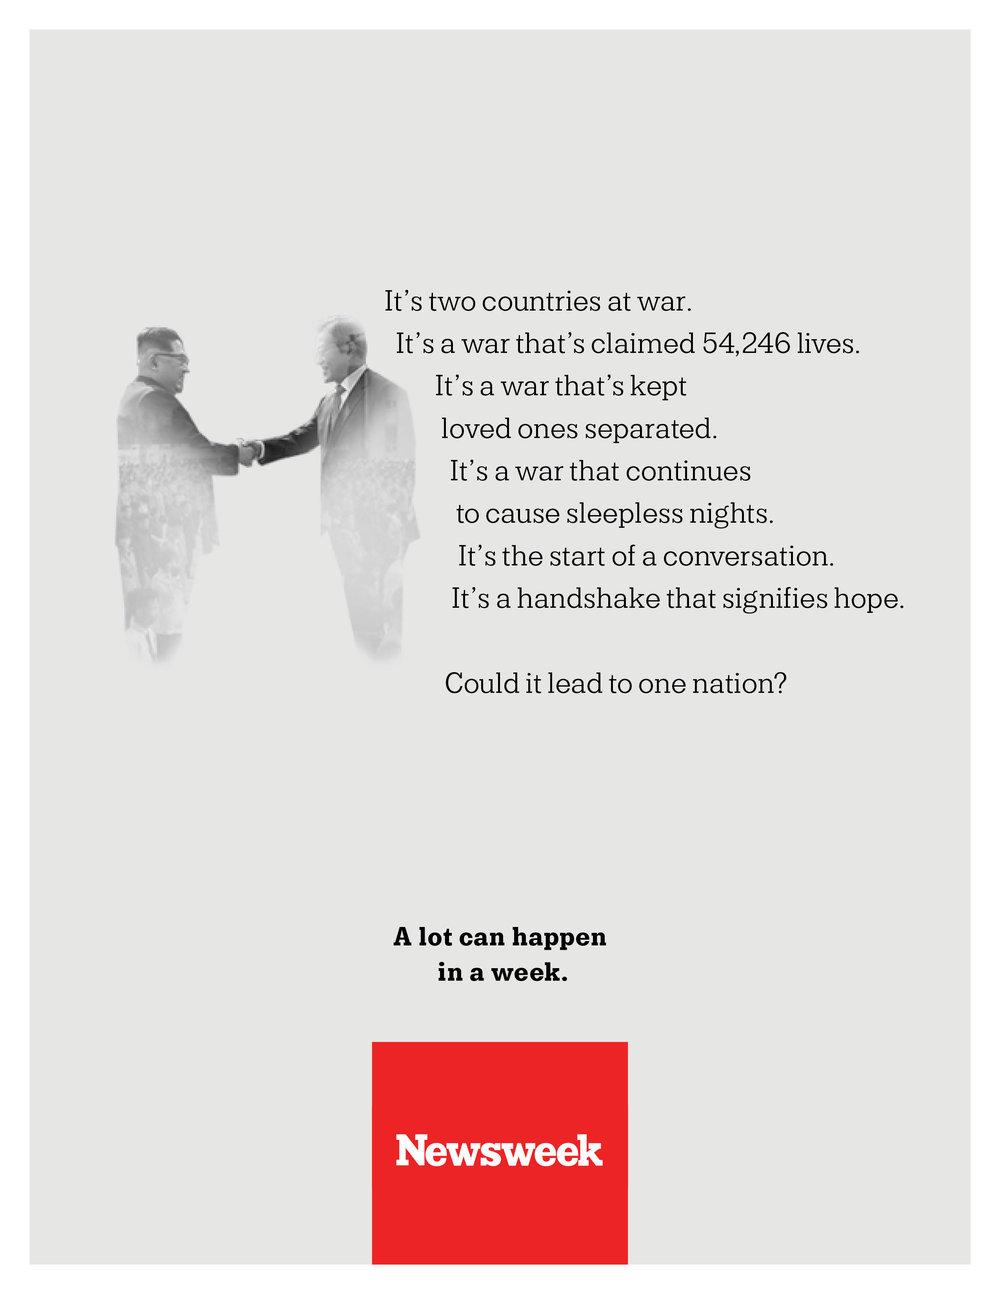 Newsweek_Final5.jpg